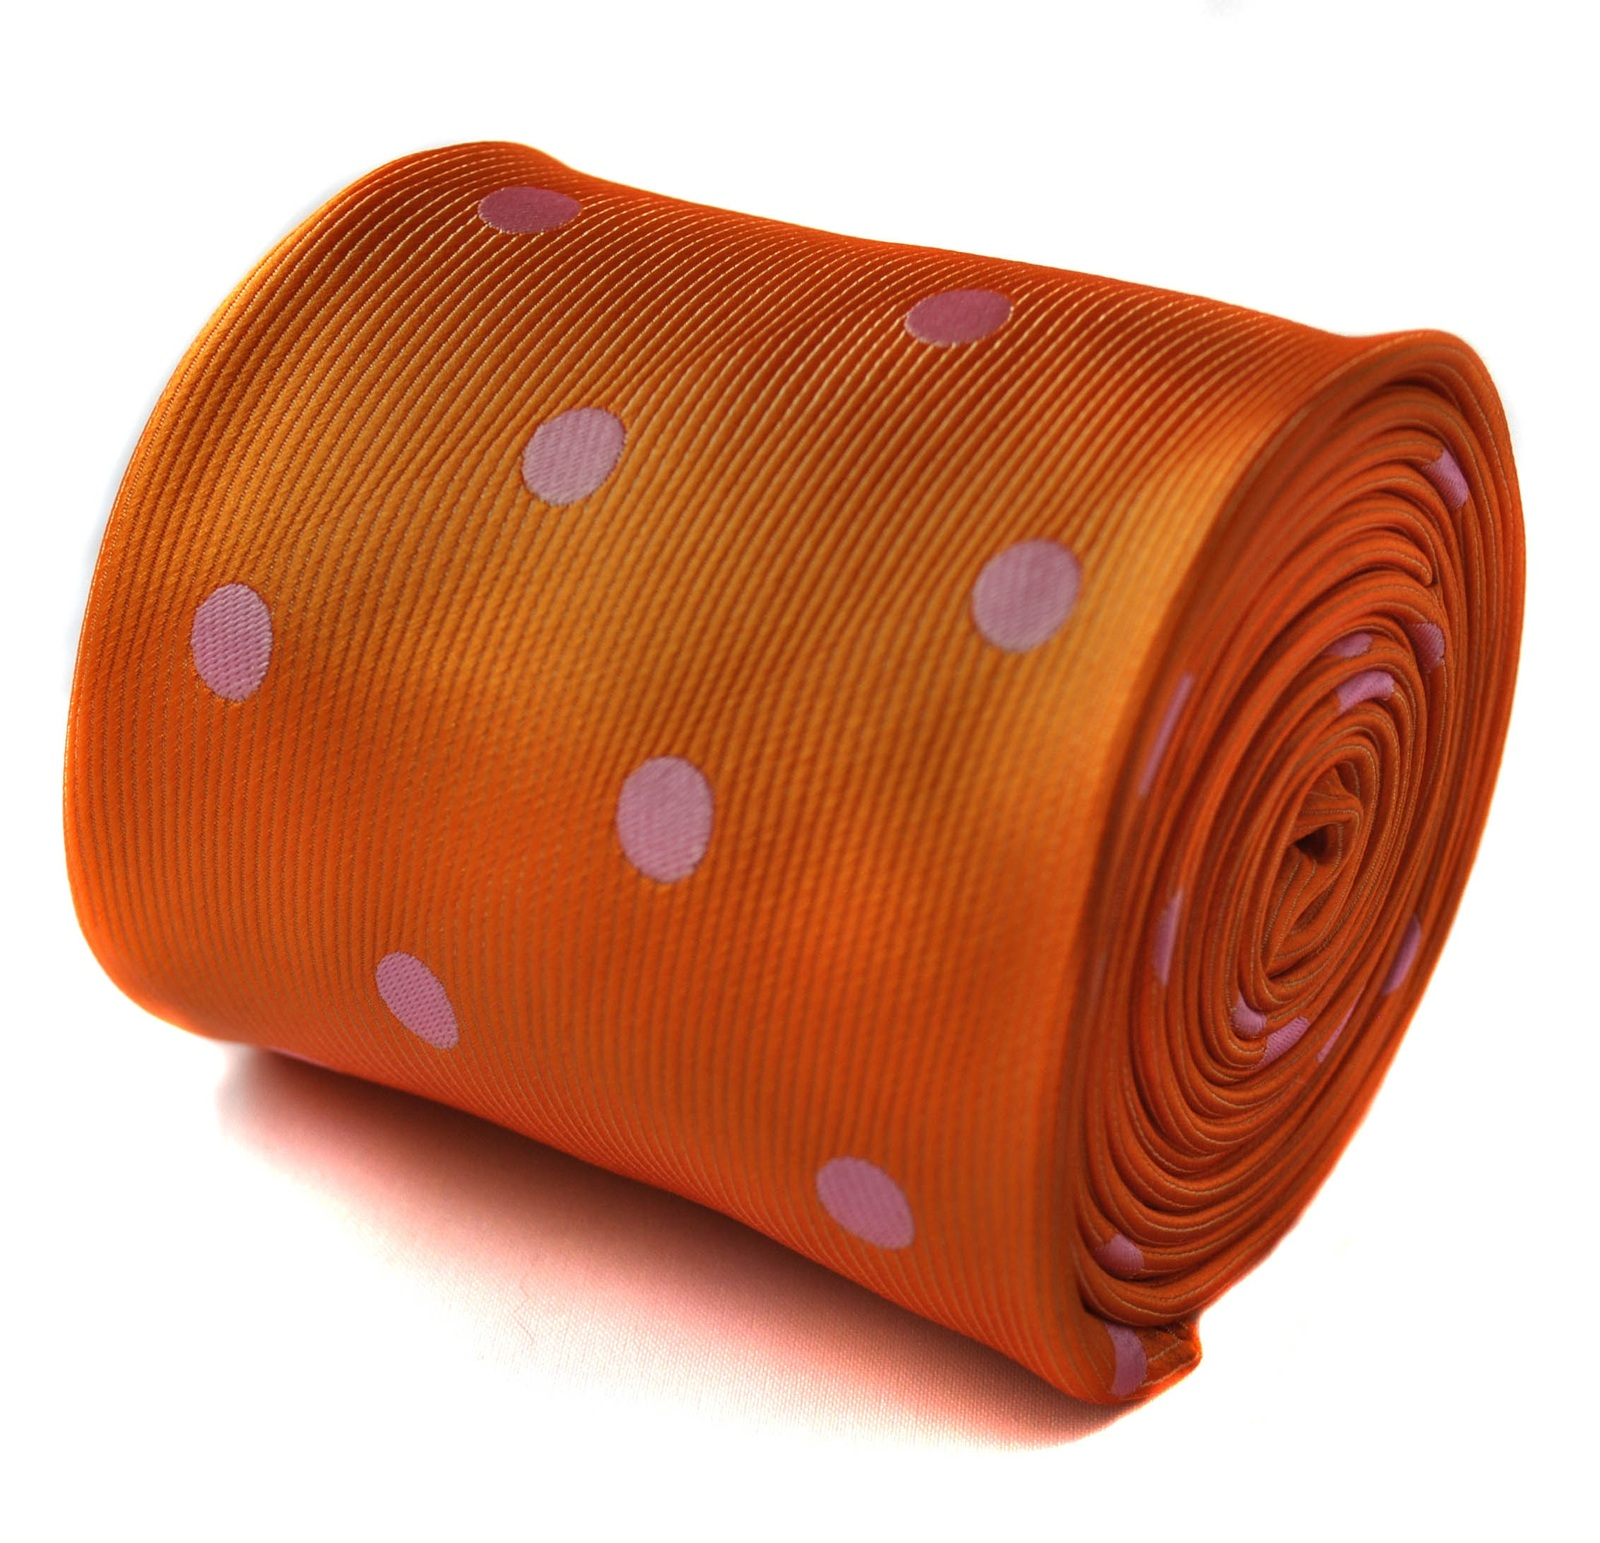 Frederick Thomas orange and pink polka spot tie